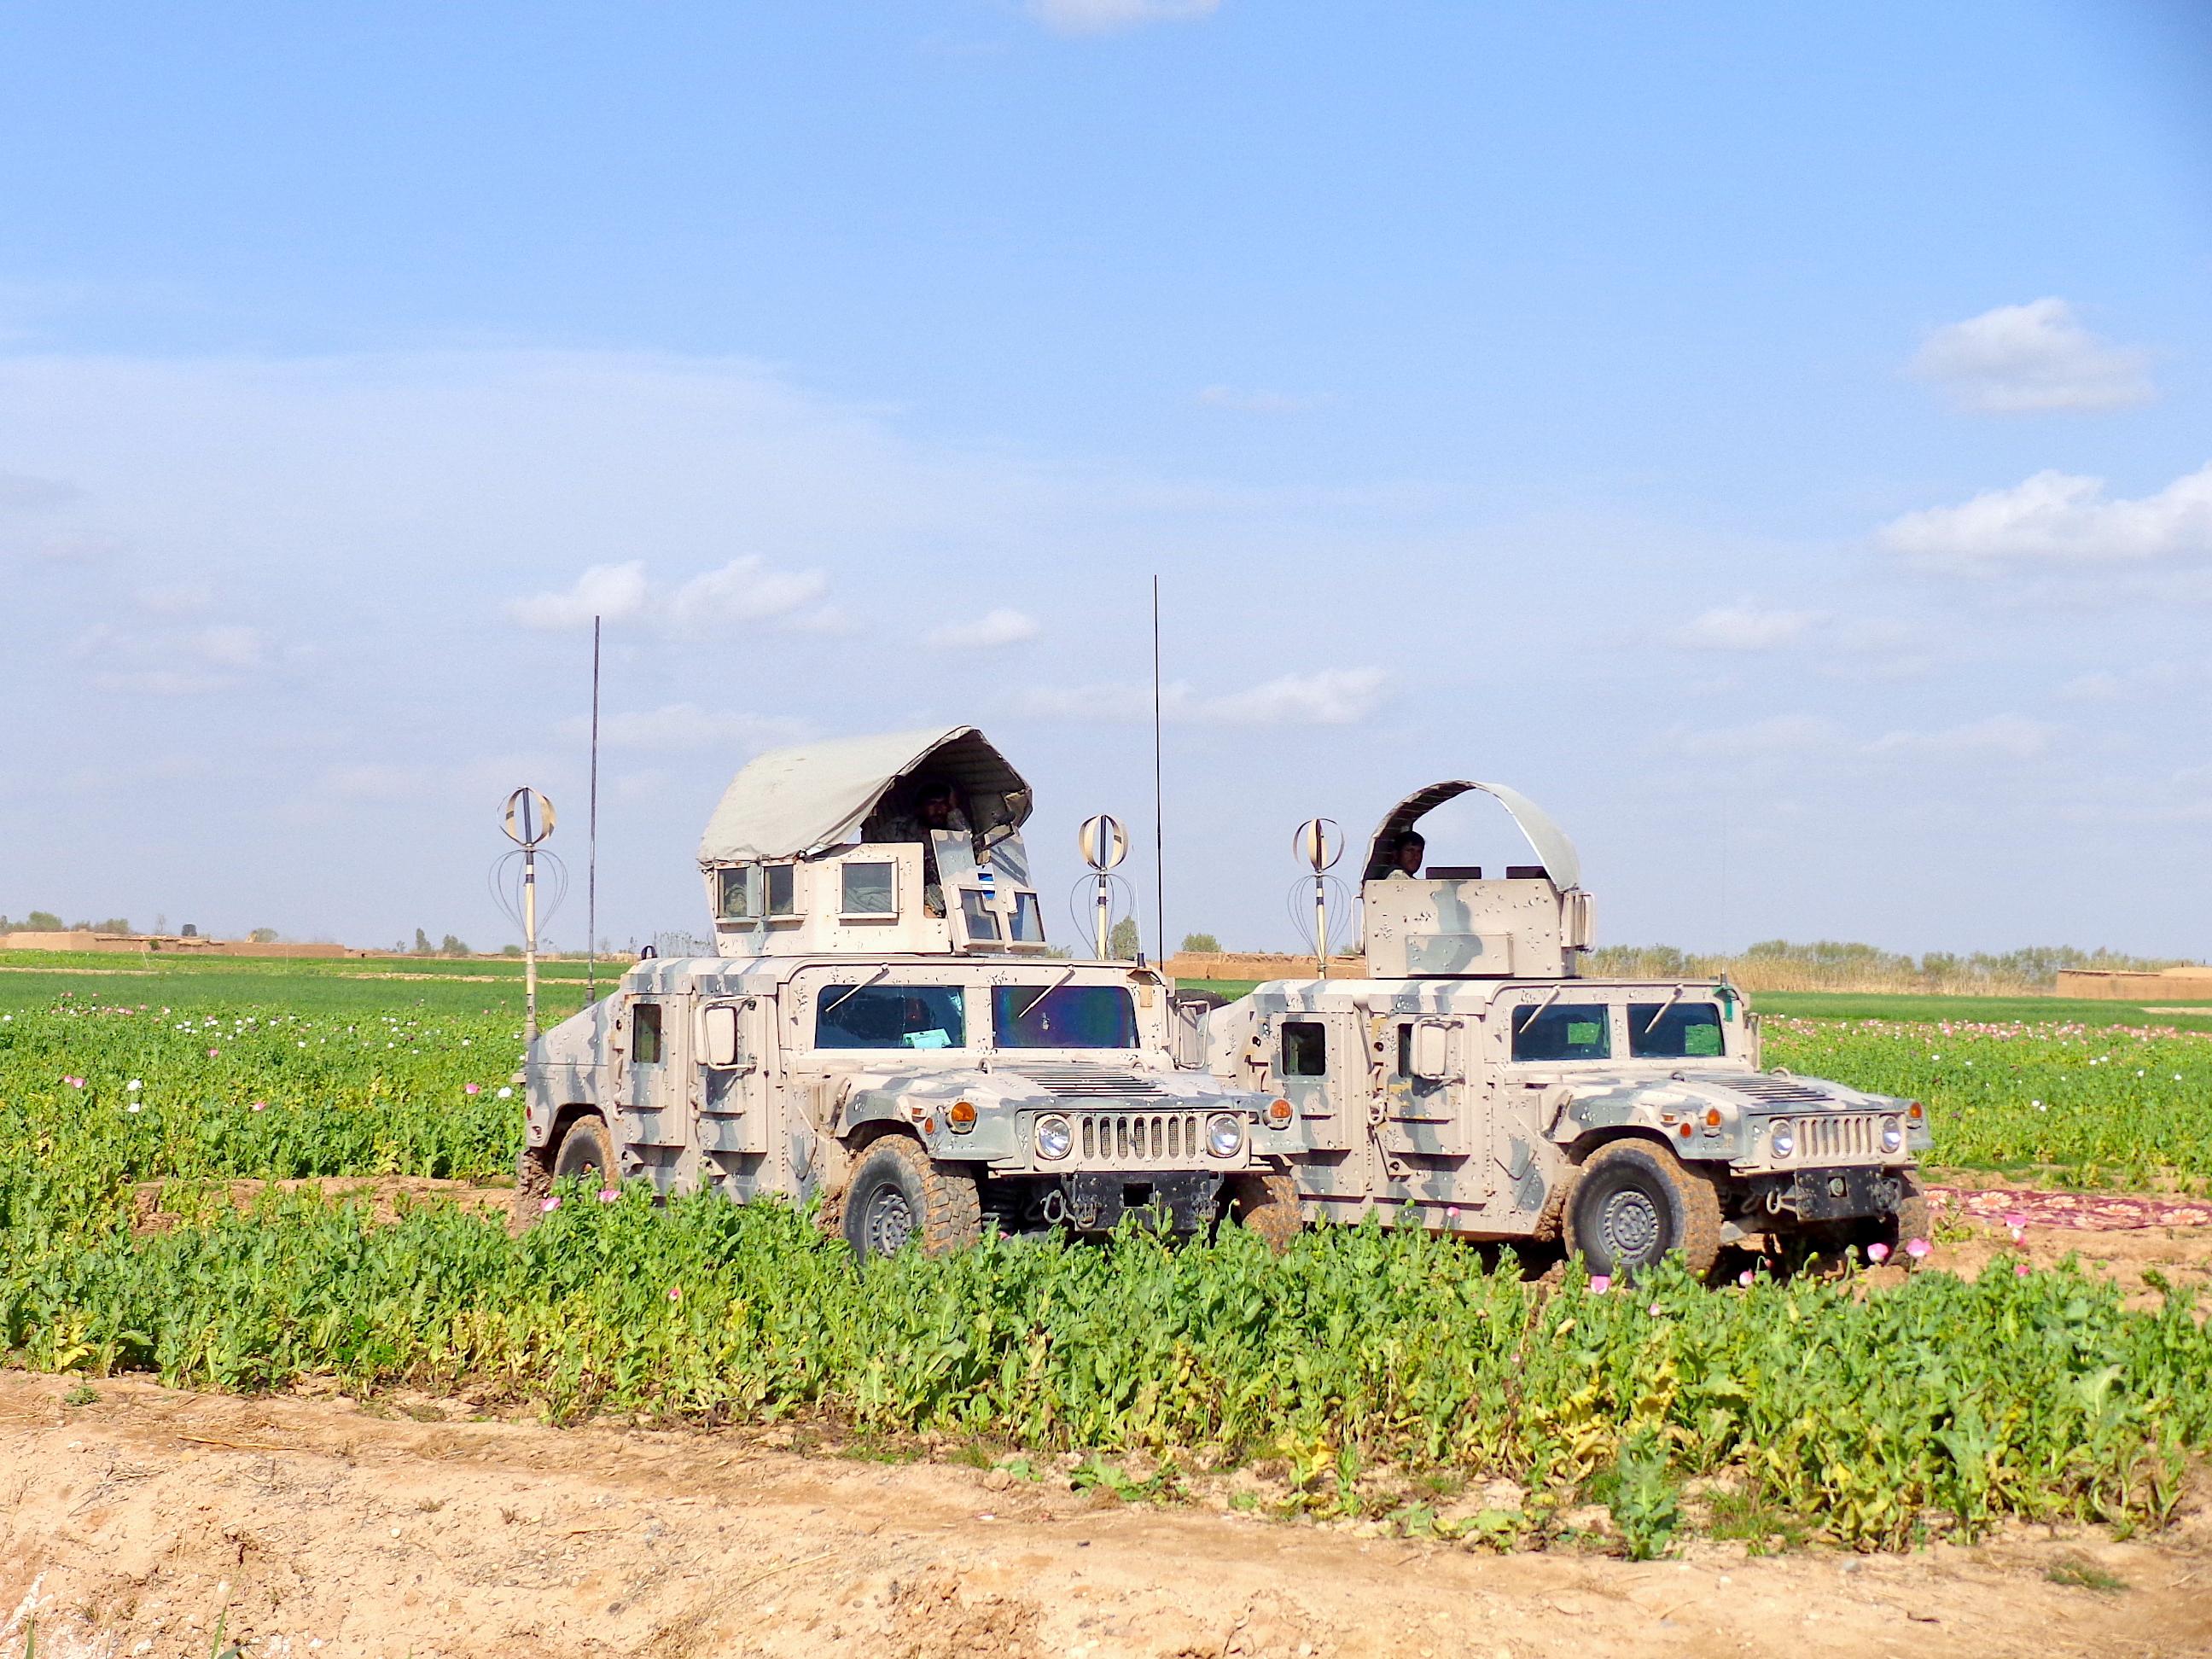 د هلمند د نشه ییزو توکو پر لابراتوارونو بریدونو طالبان له ستونزو سره مخامخ کړي دي